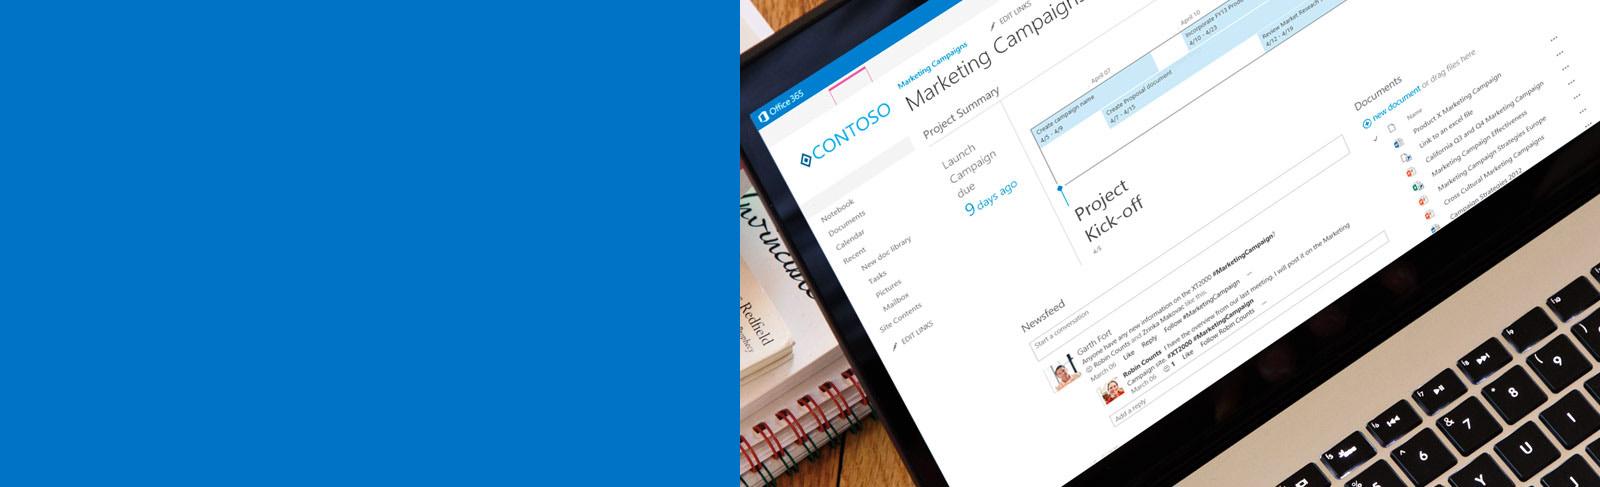 En bærbar PC som viser et dokument som åpnes i SharePoint.